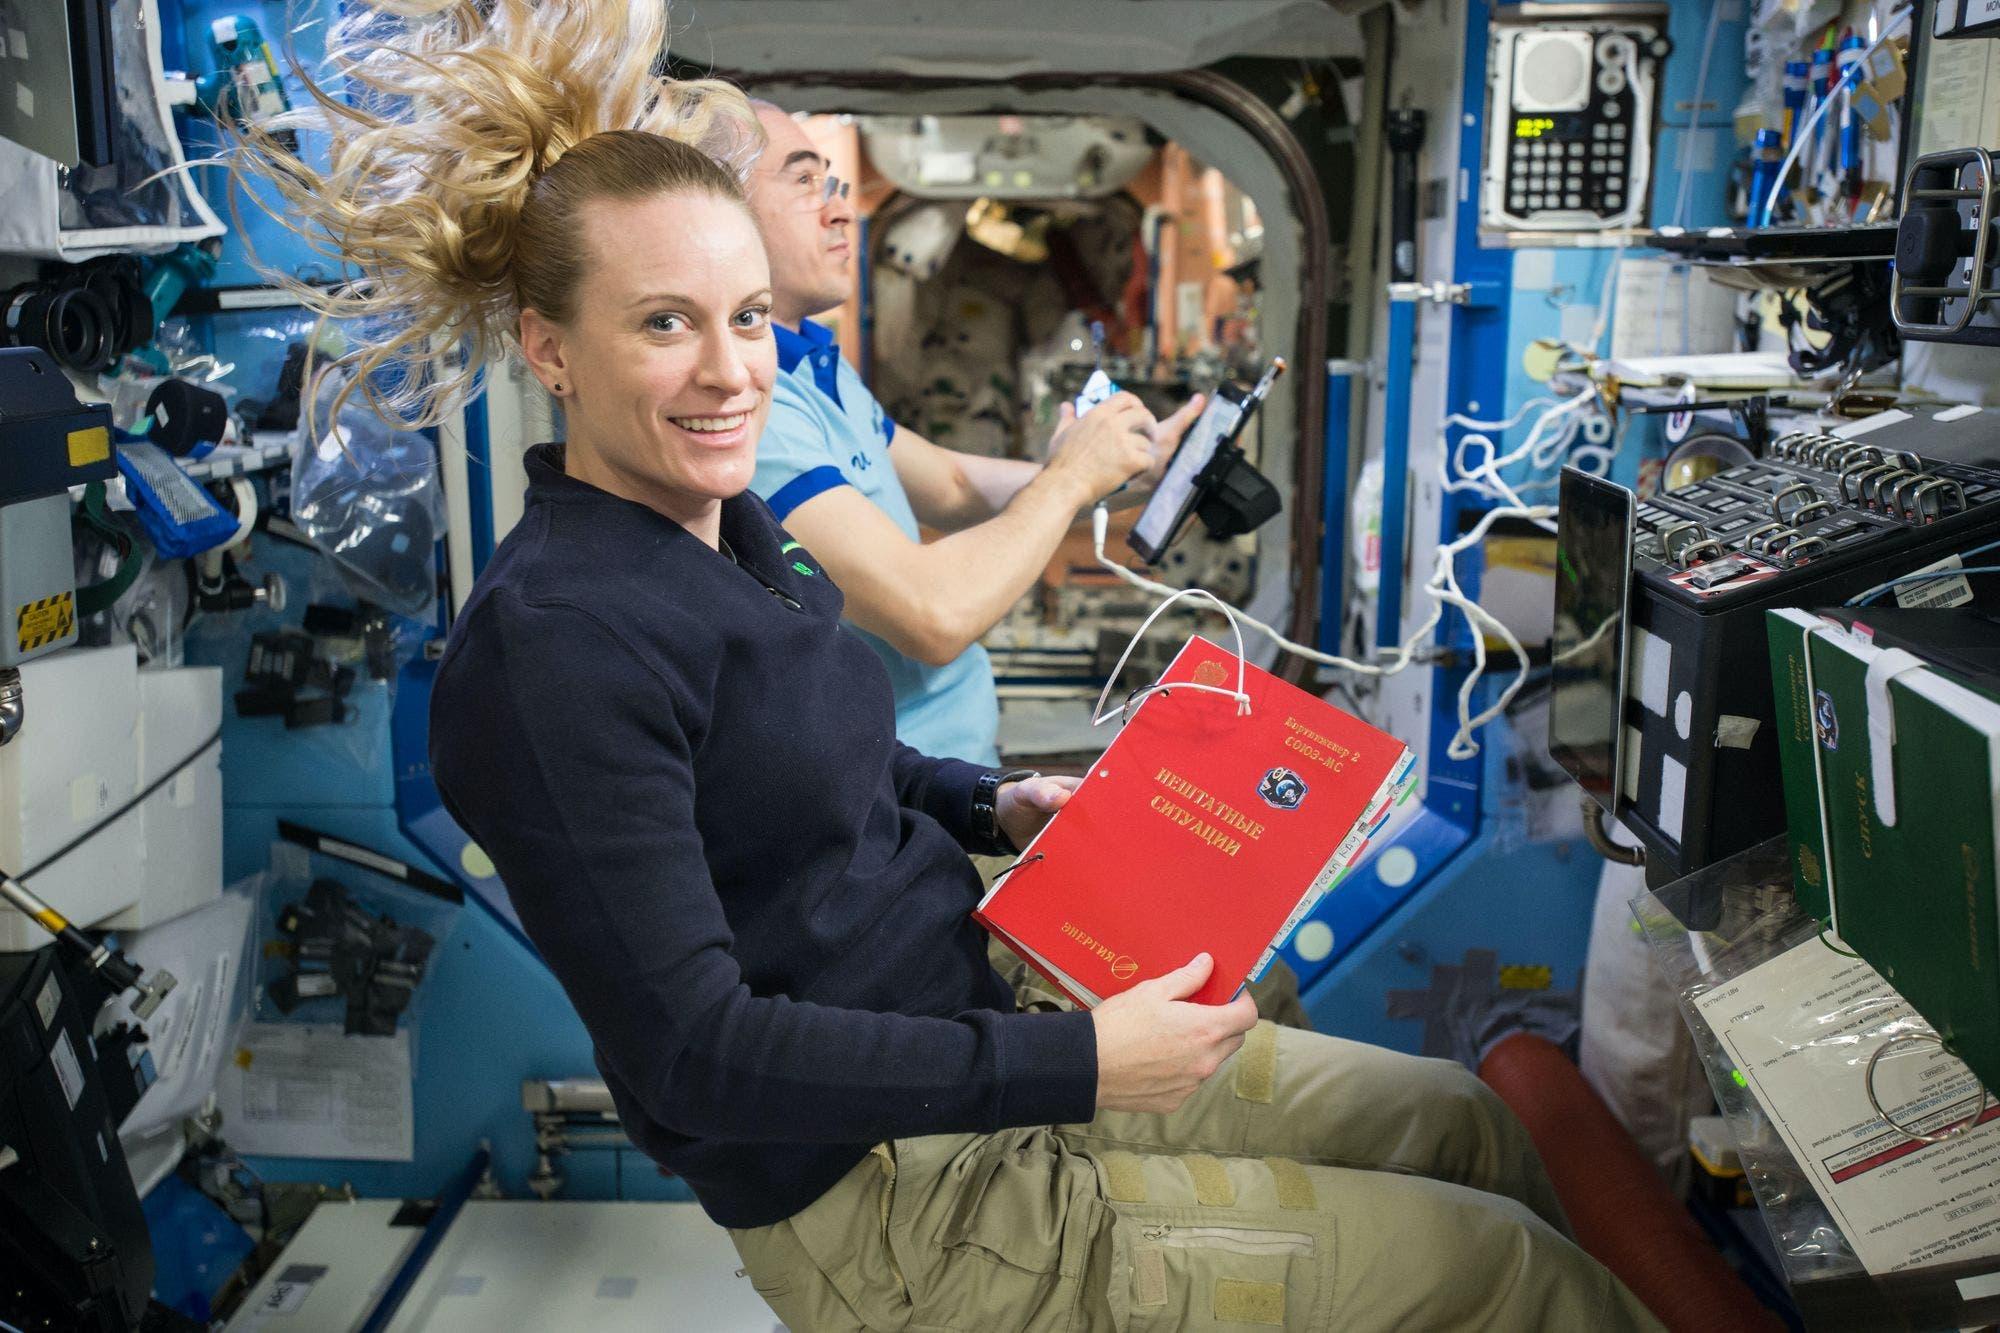 Cómo mejorar tu postura frente a la computadora gracias a los astronautas